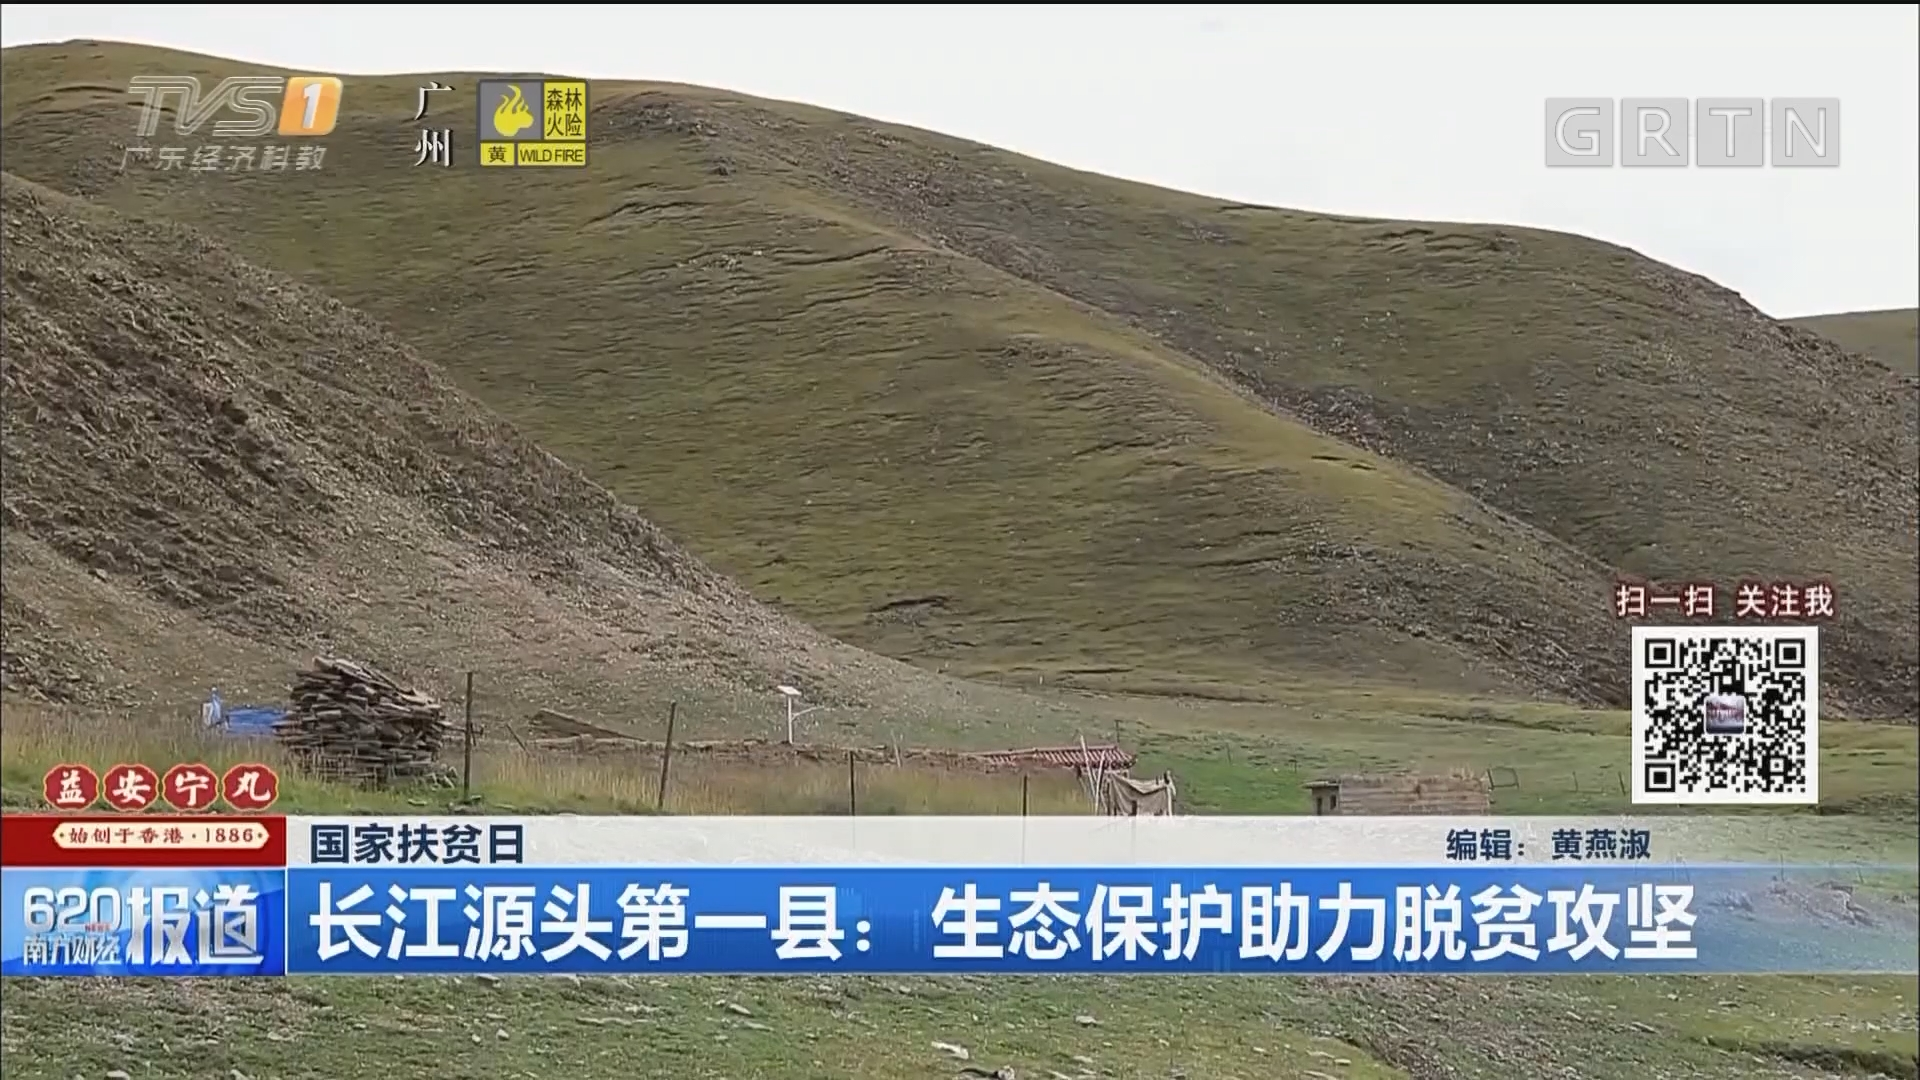 国家扶贫日 长江源头第一县:生态保护助力脱贫攻坚